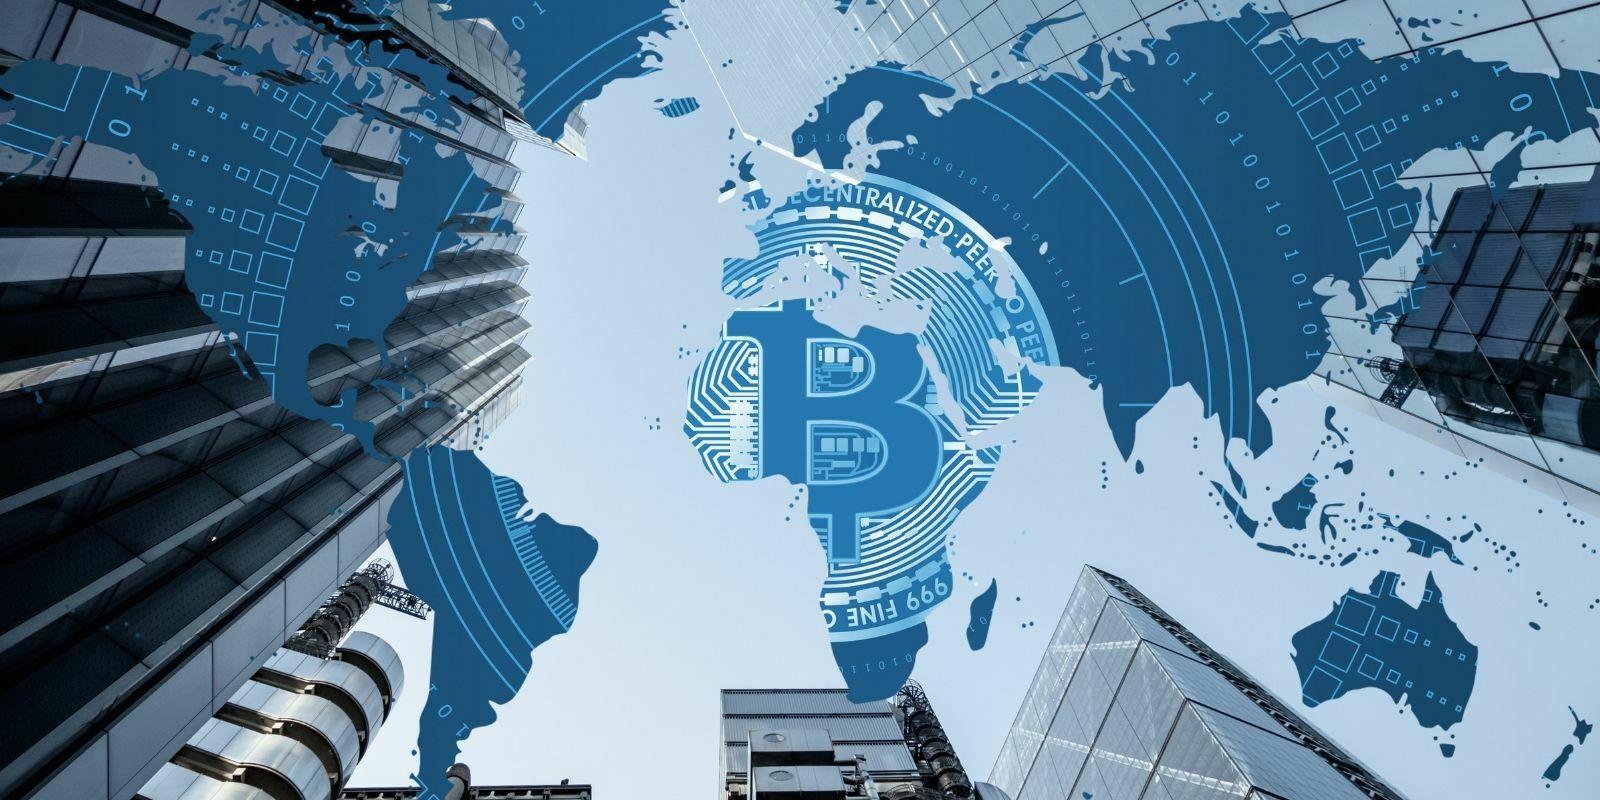 Ledger mise sur l'intérêt des institutionnels en créant une nouvelle unité commerciale